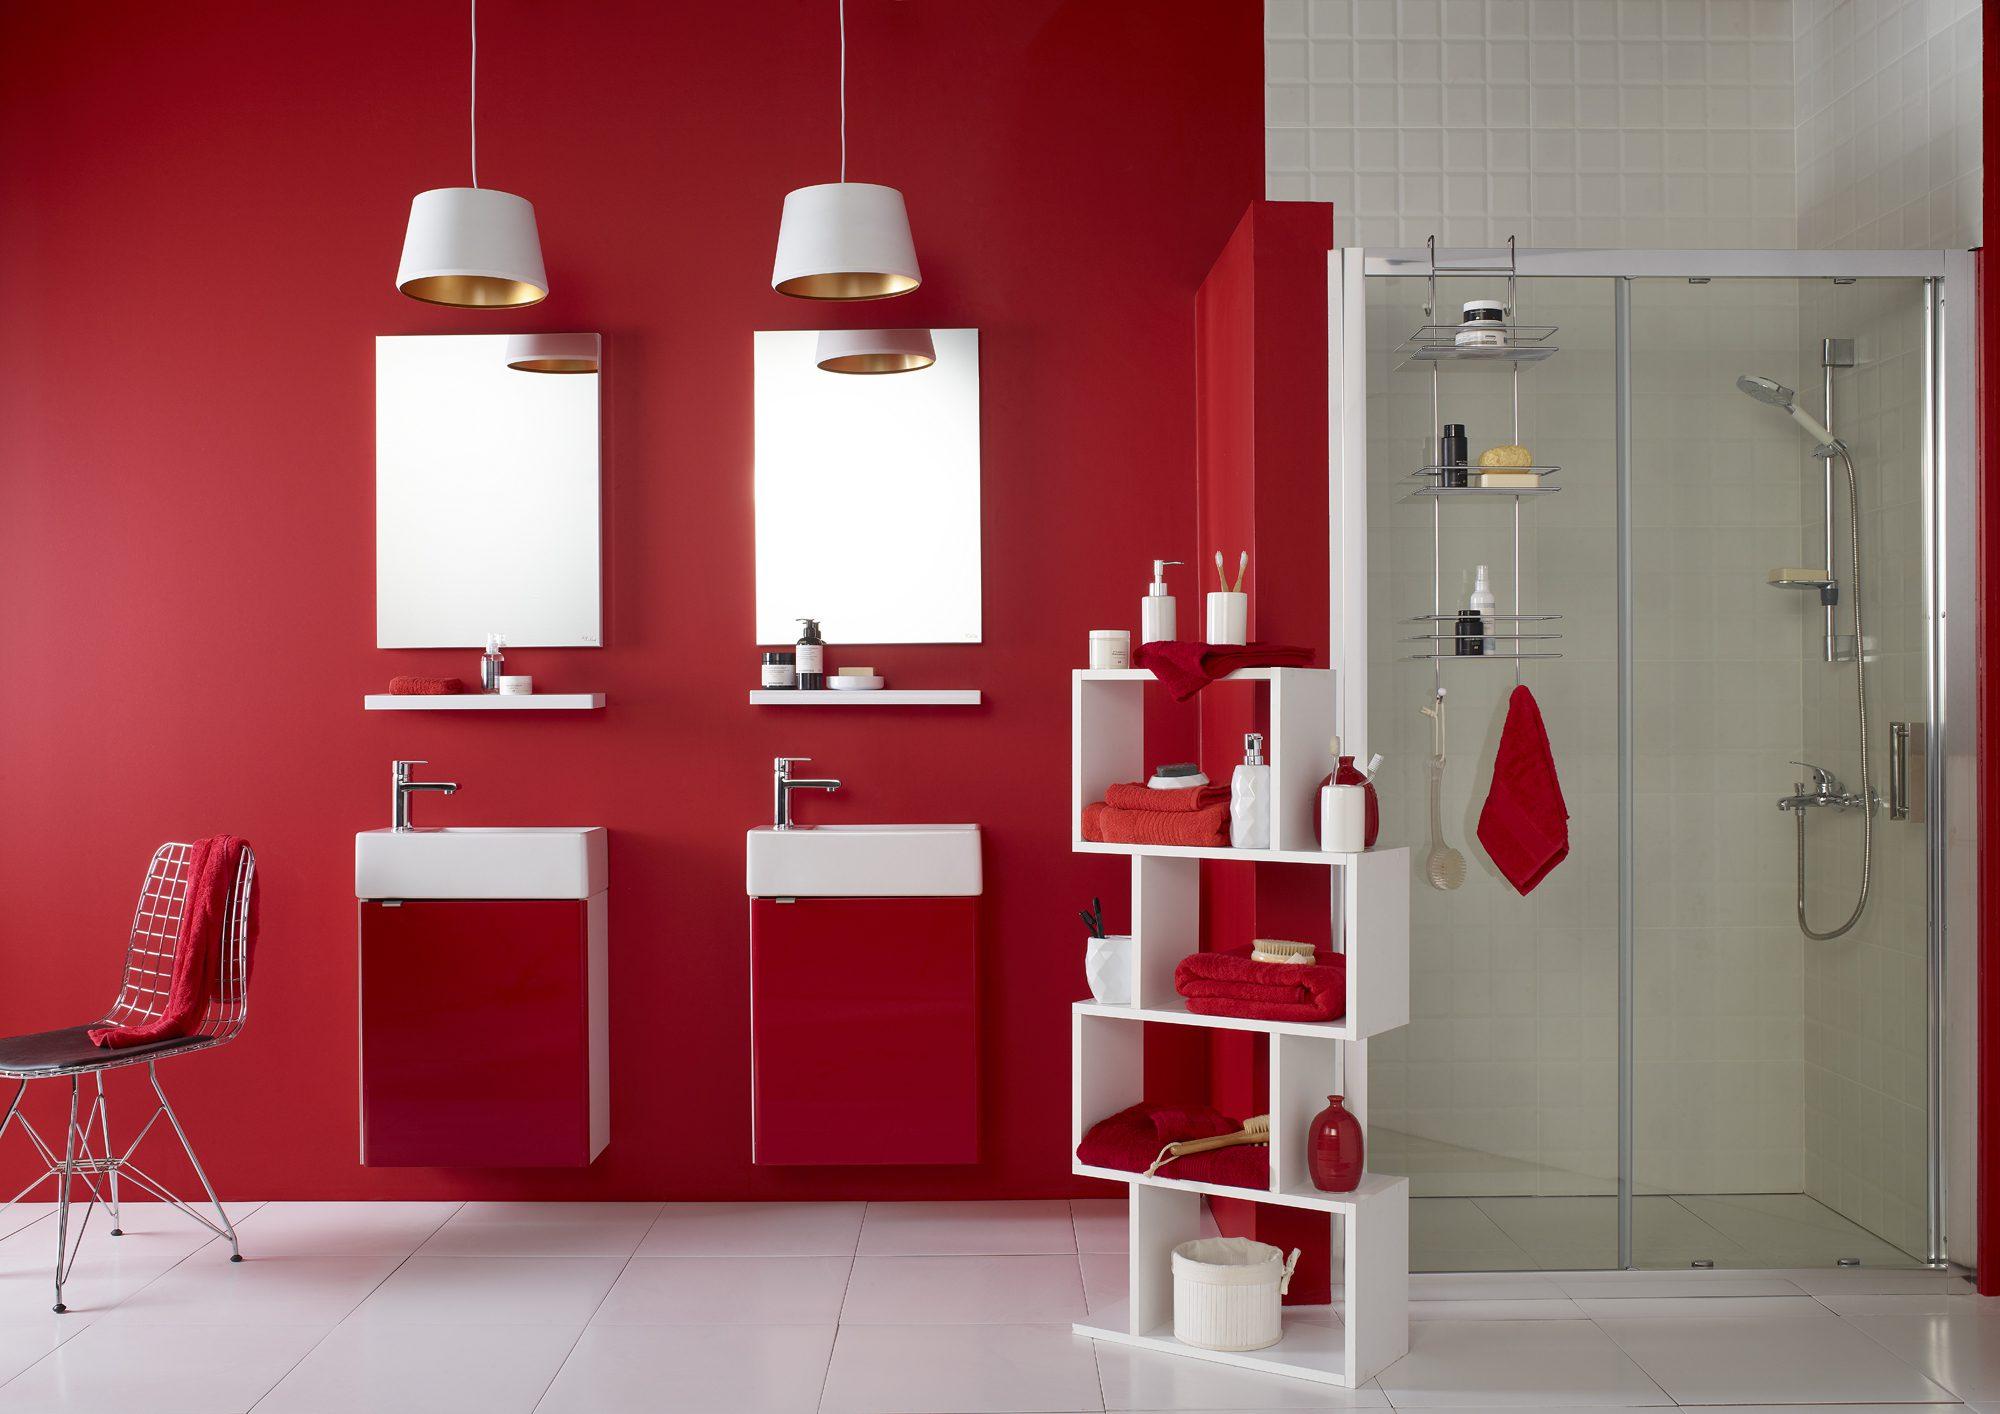 Farklı banyo dekorasyonu